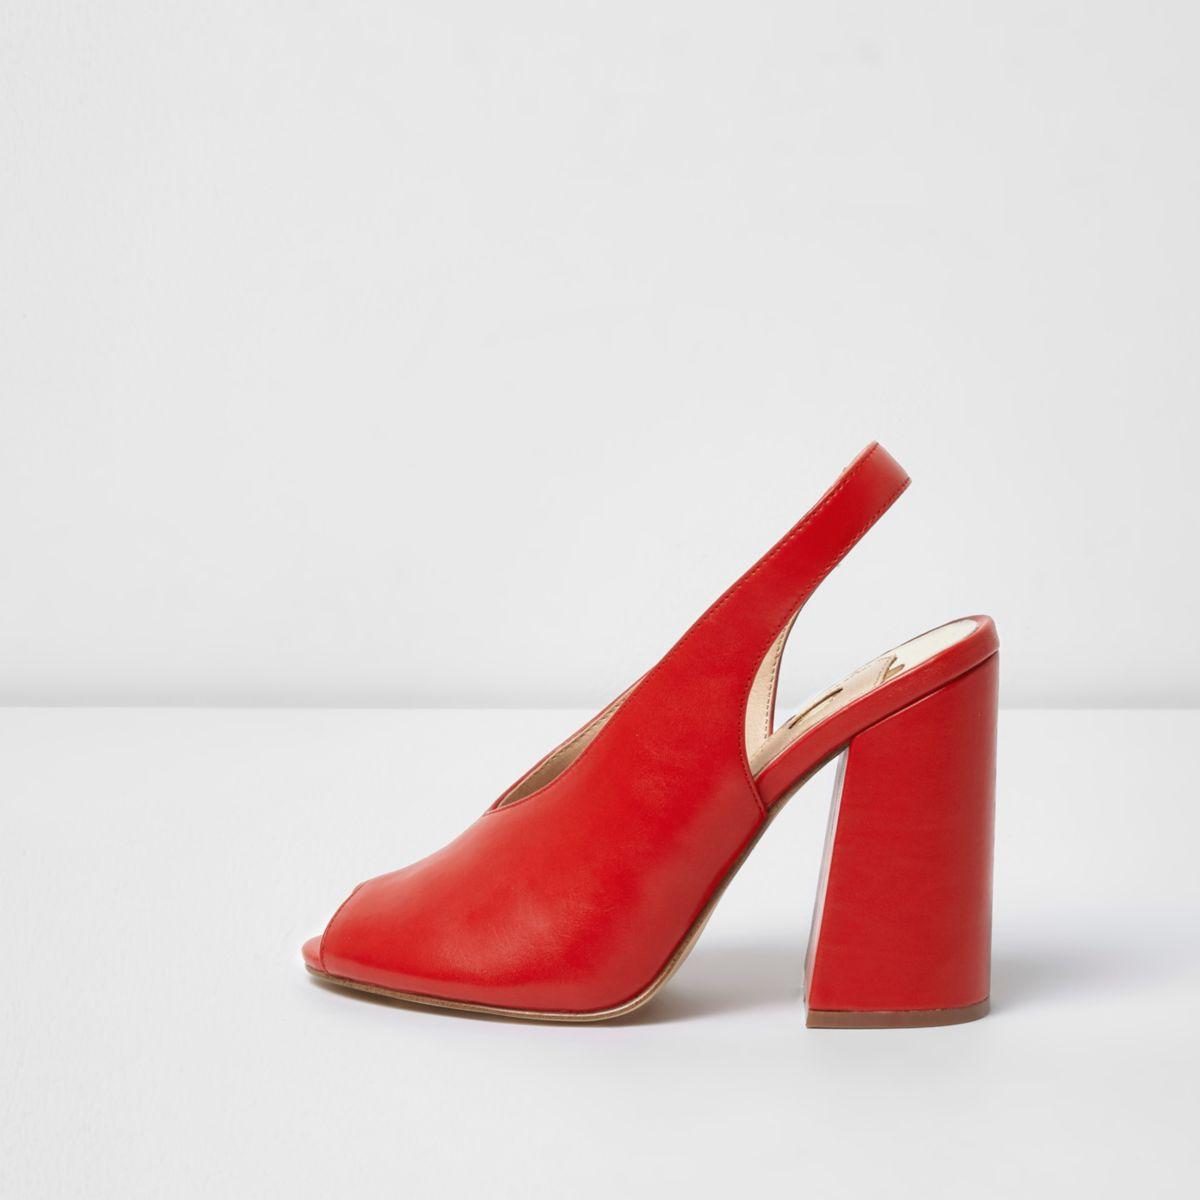 Red high vamp block heel sandals